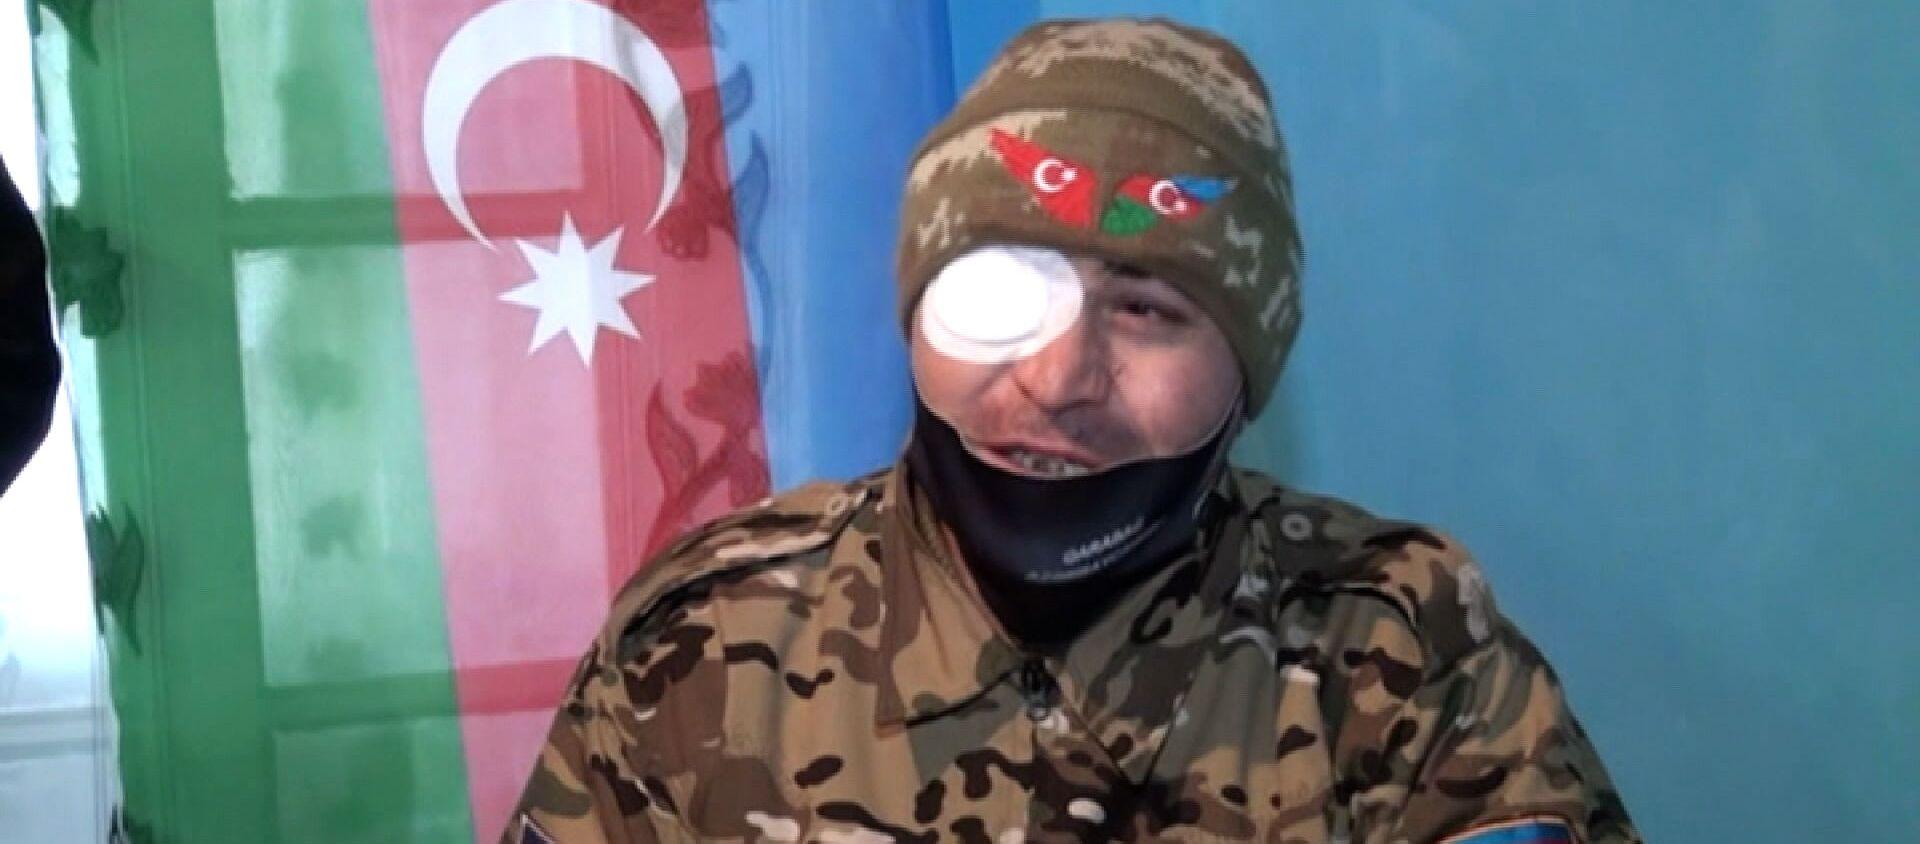 Передо мной упала кассетная бомба, но я выжил - ветеран Карабахской войны - Sputnik Азербайджан, 1920, 19.01.2021